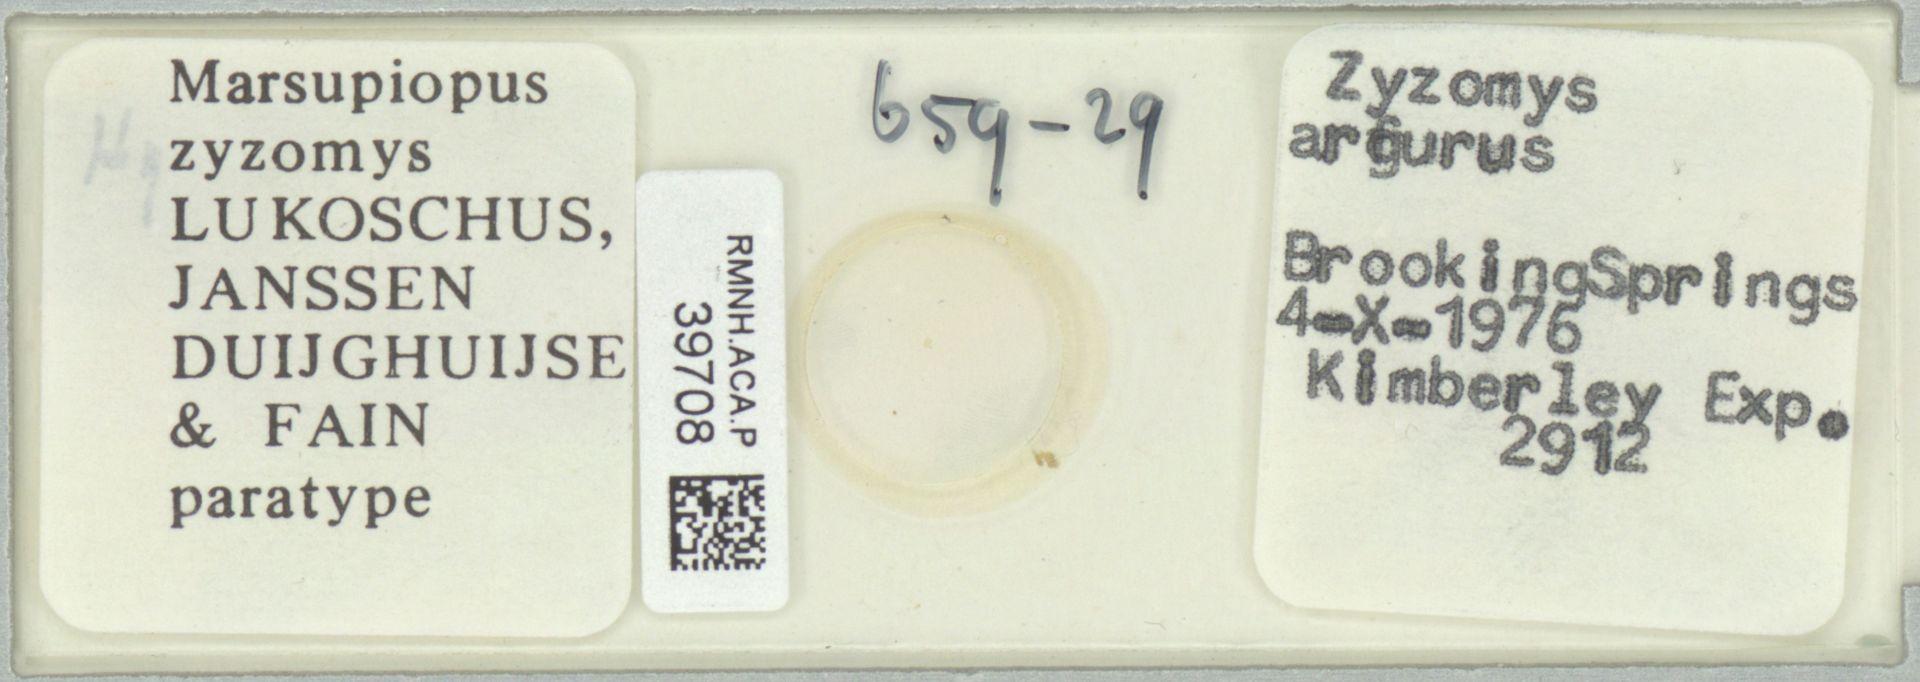 RMNH.ACA.P.39708 | Marsupiopus zysomys Lukoschus, Janssen Duijghuijse & Fain